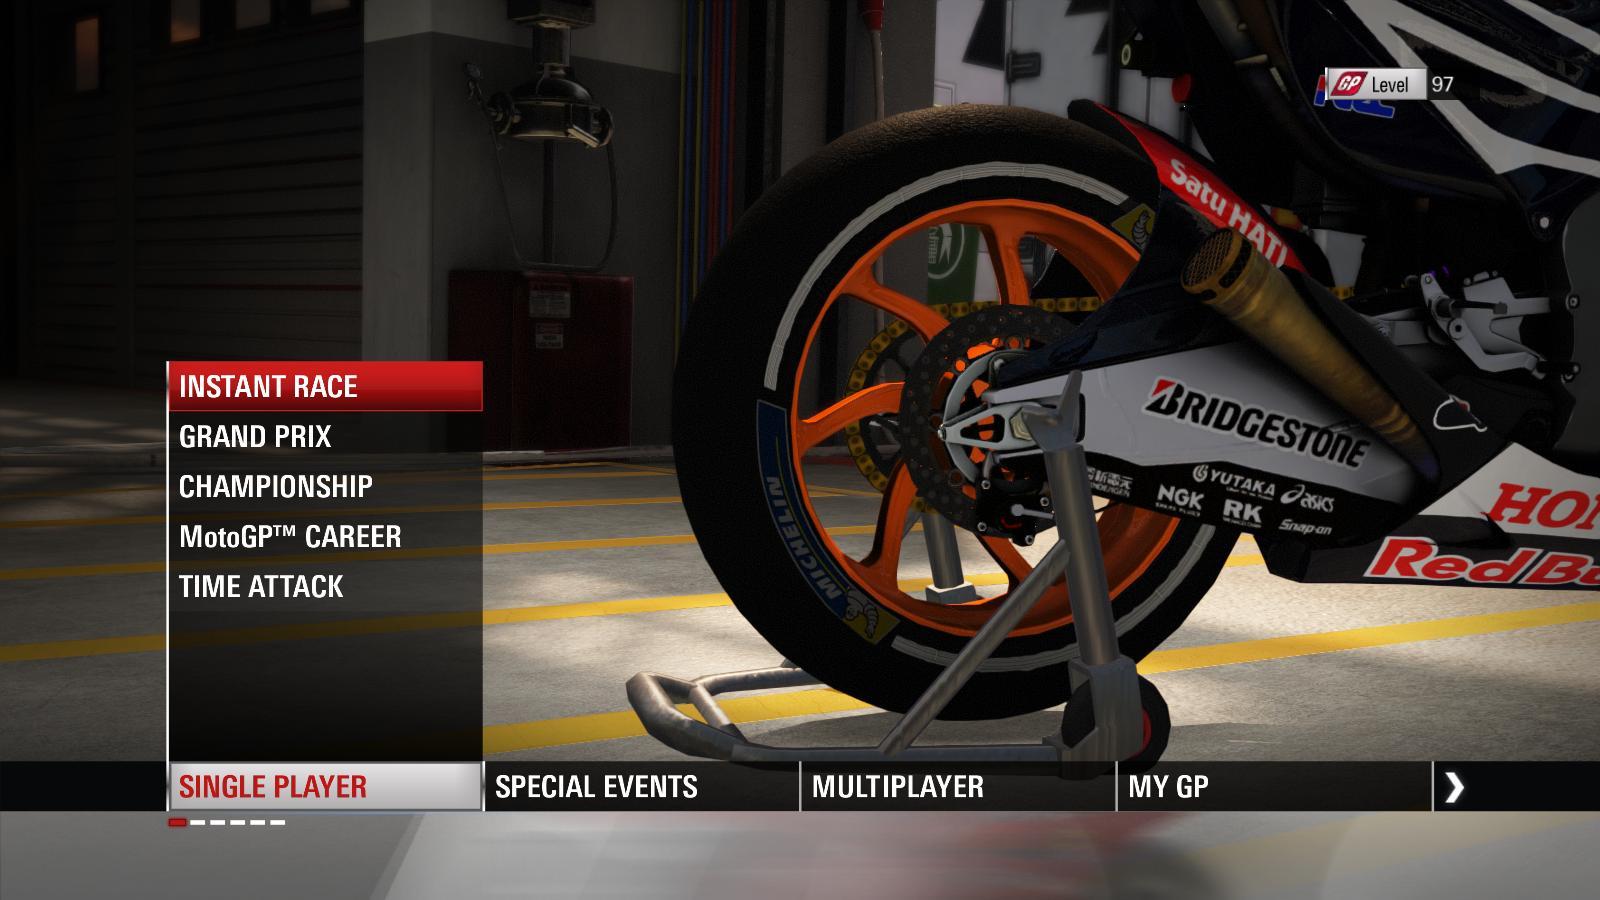 MotoGP15X64 2016-02-20 19-22-41-19.jpg